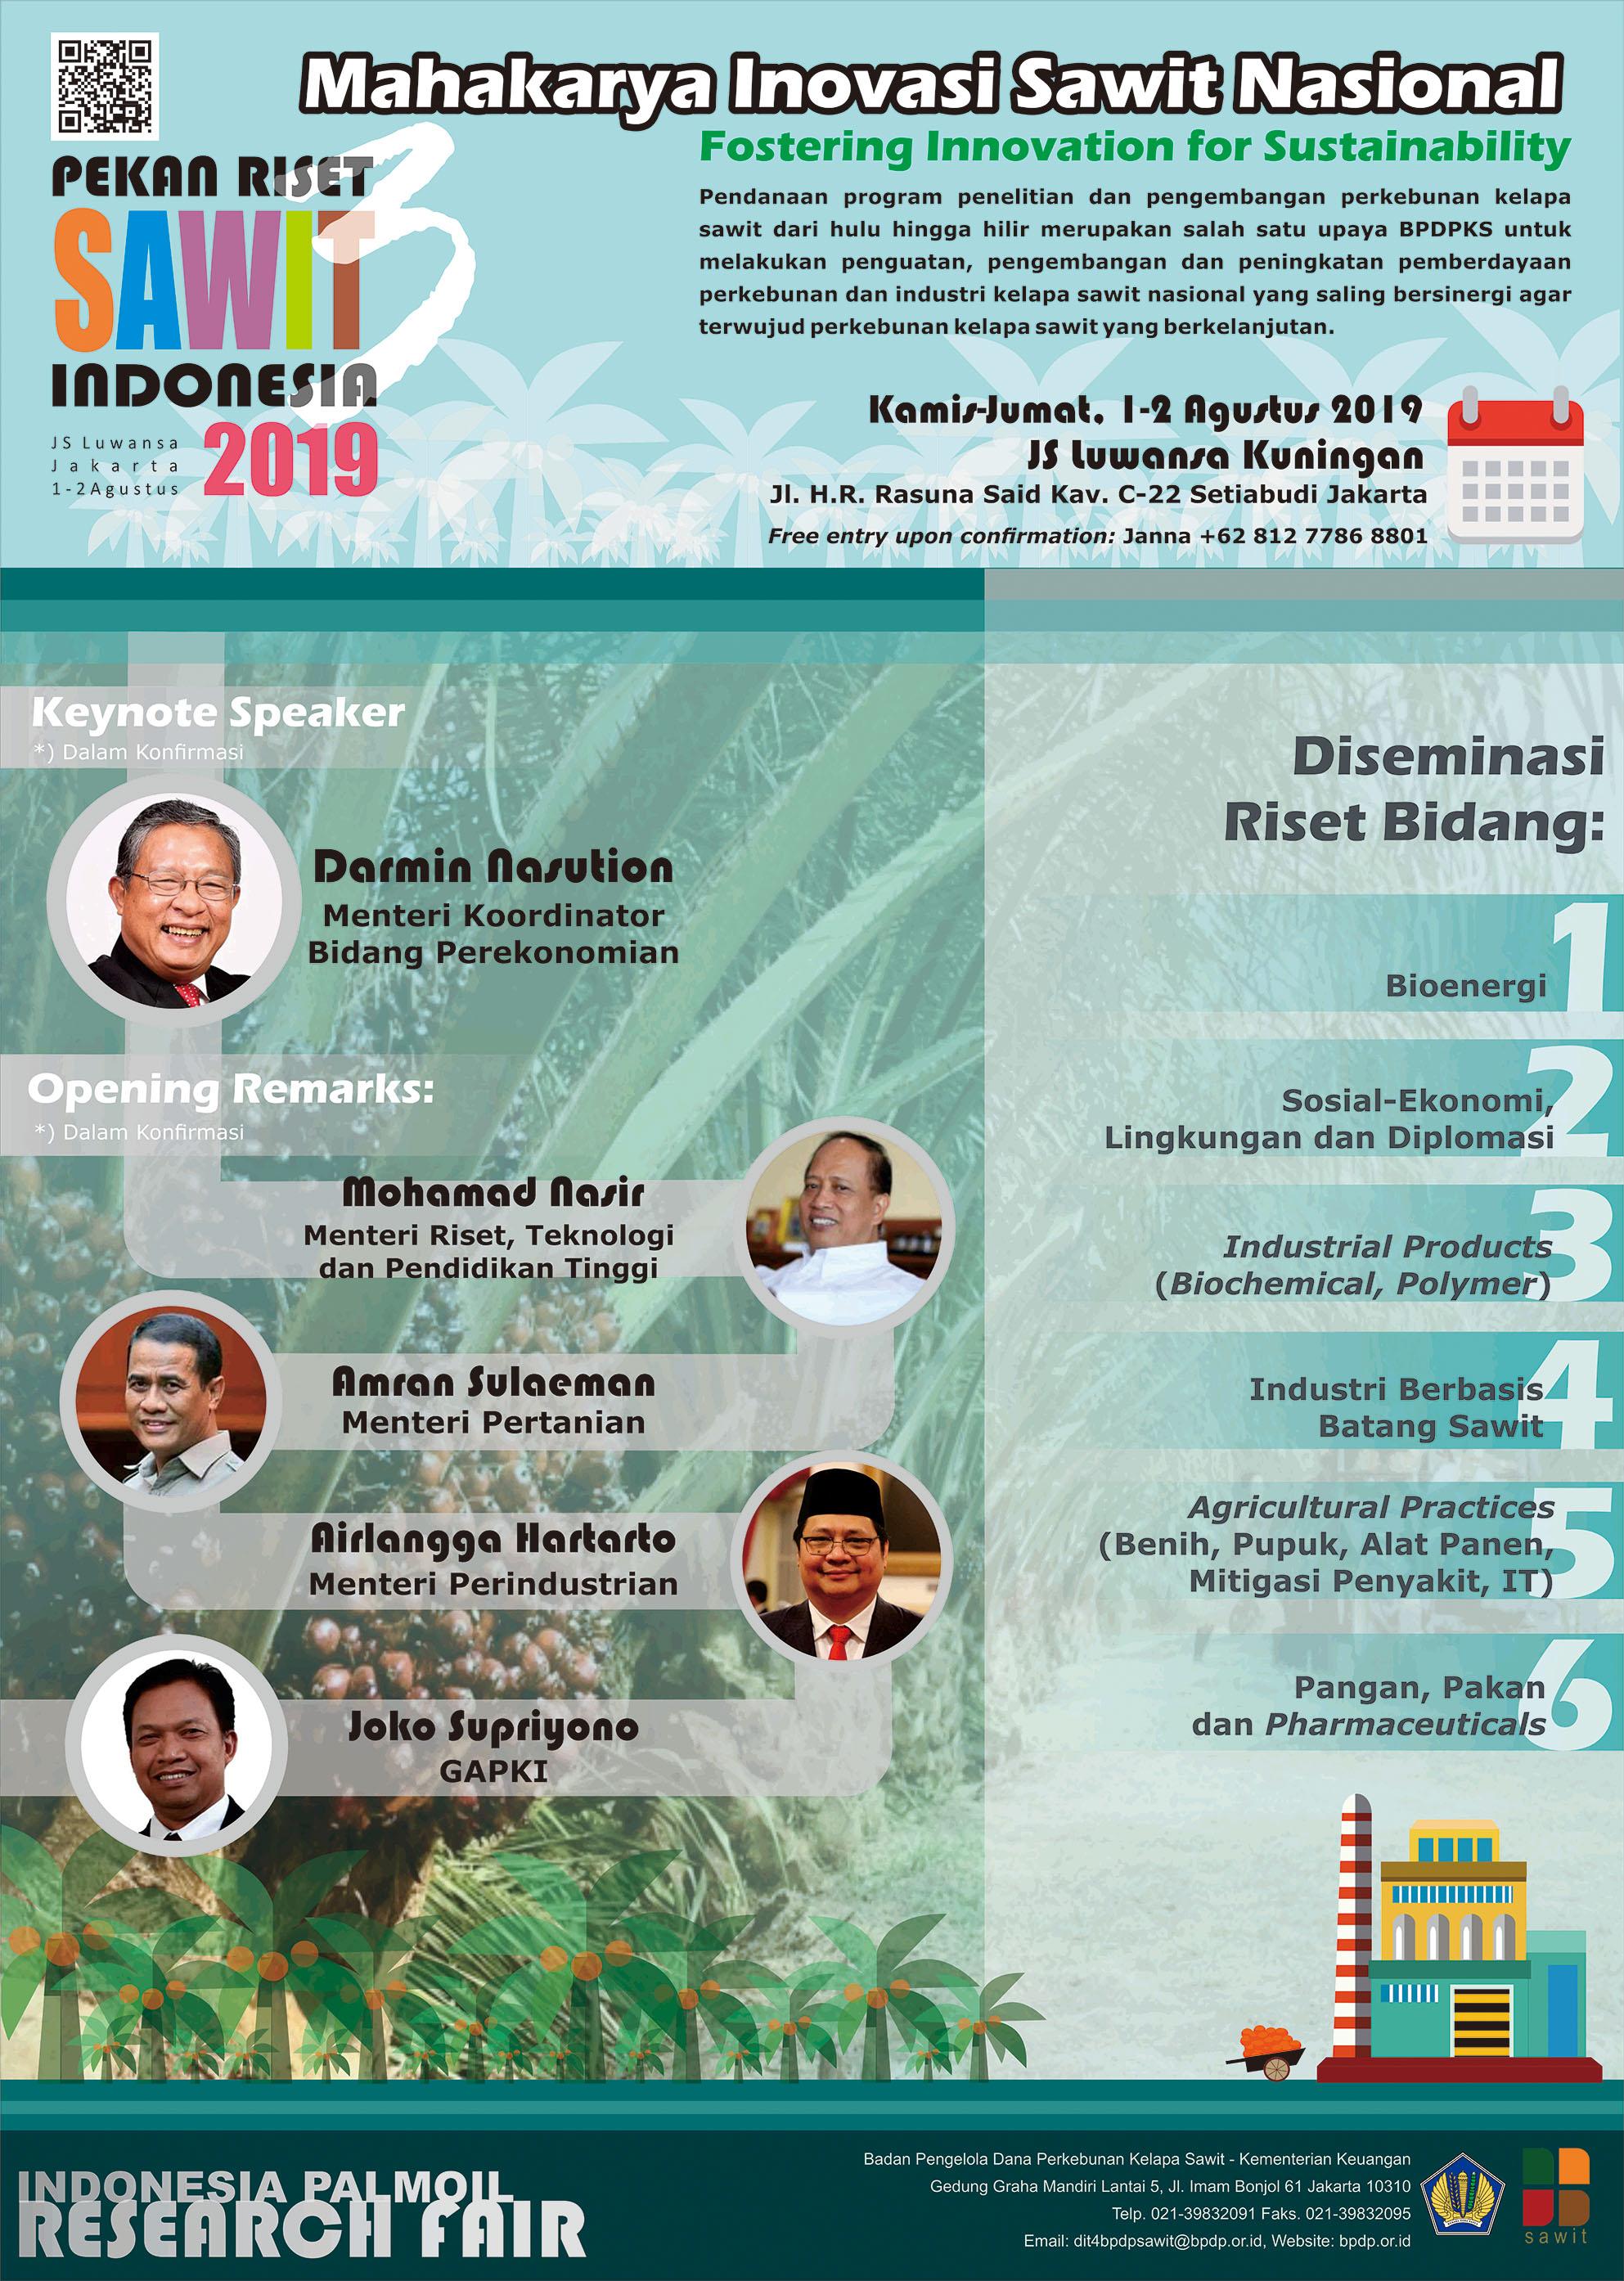 Pekan Riset Sawit Indonesia 2019: Mahakarya Inovasi Sawit Nasional